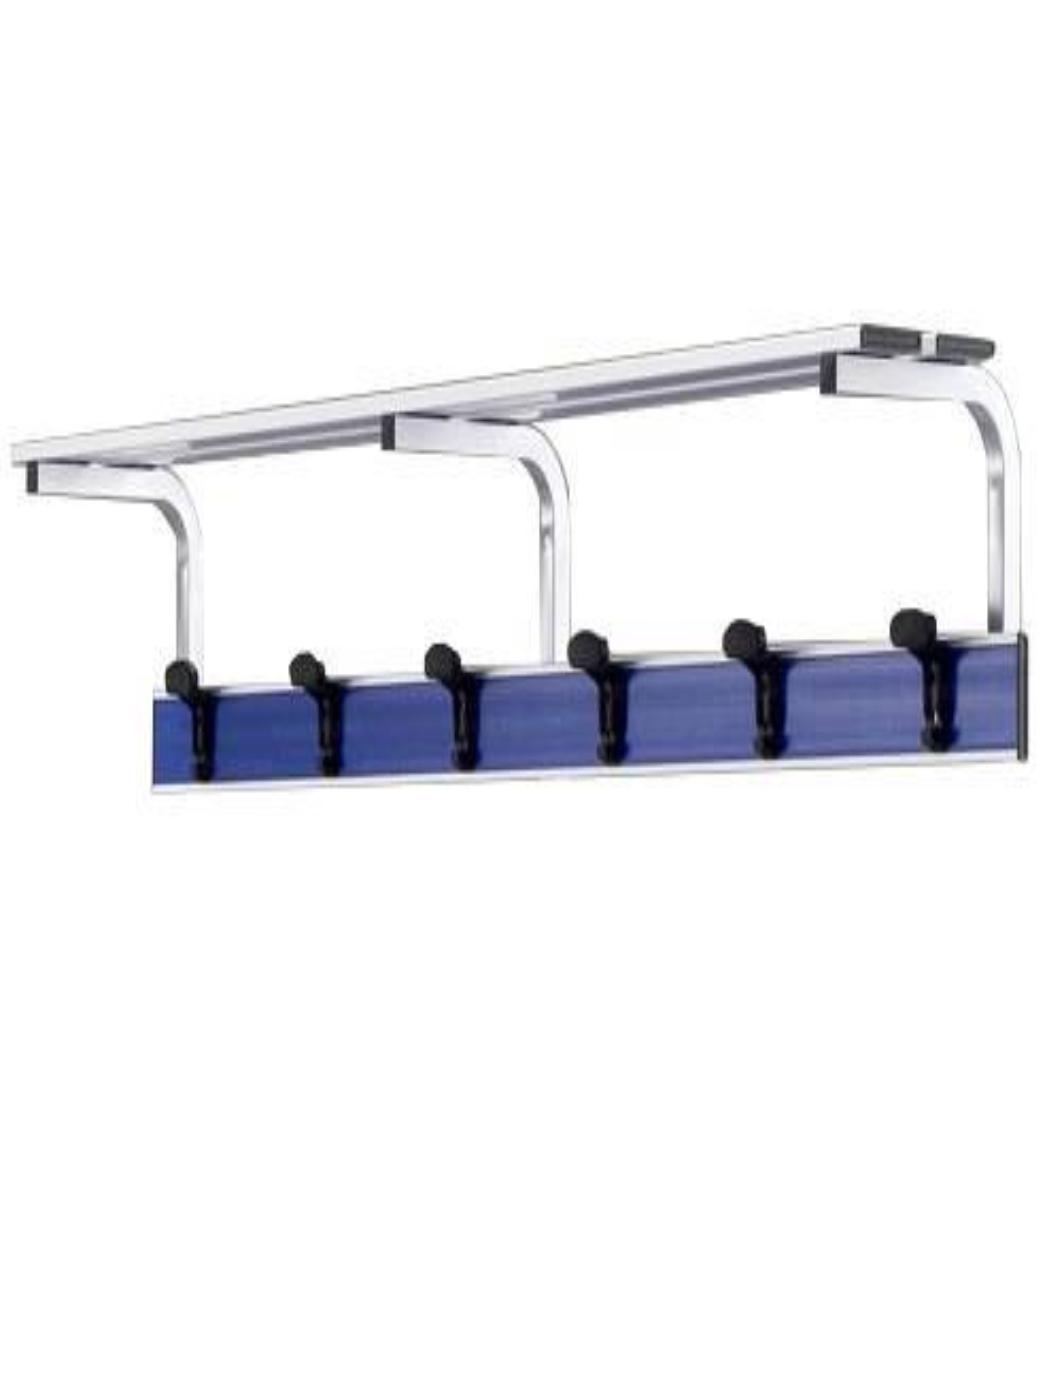 Cuier cu suport pentru geanta 2 metri